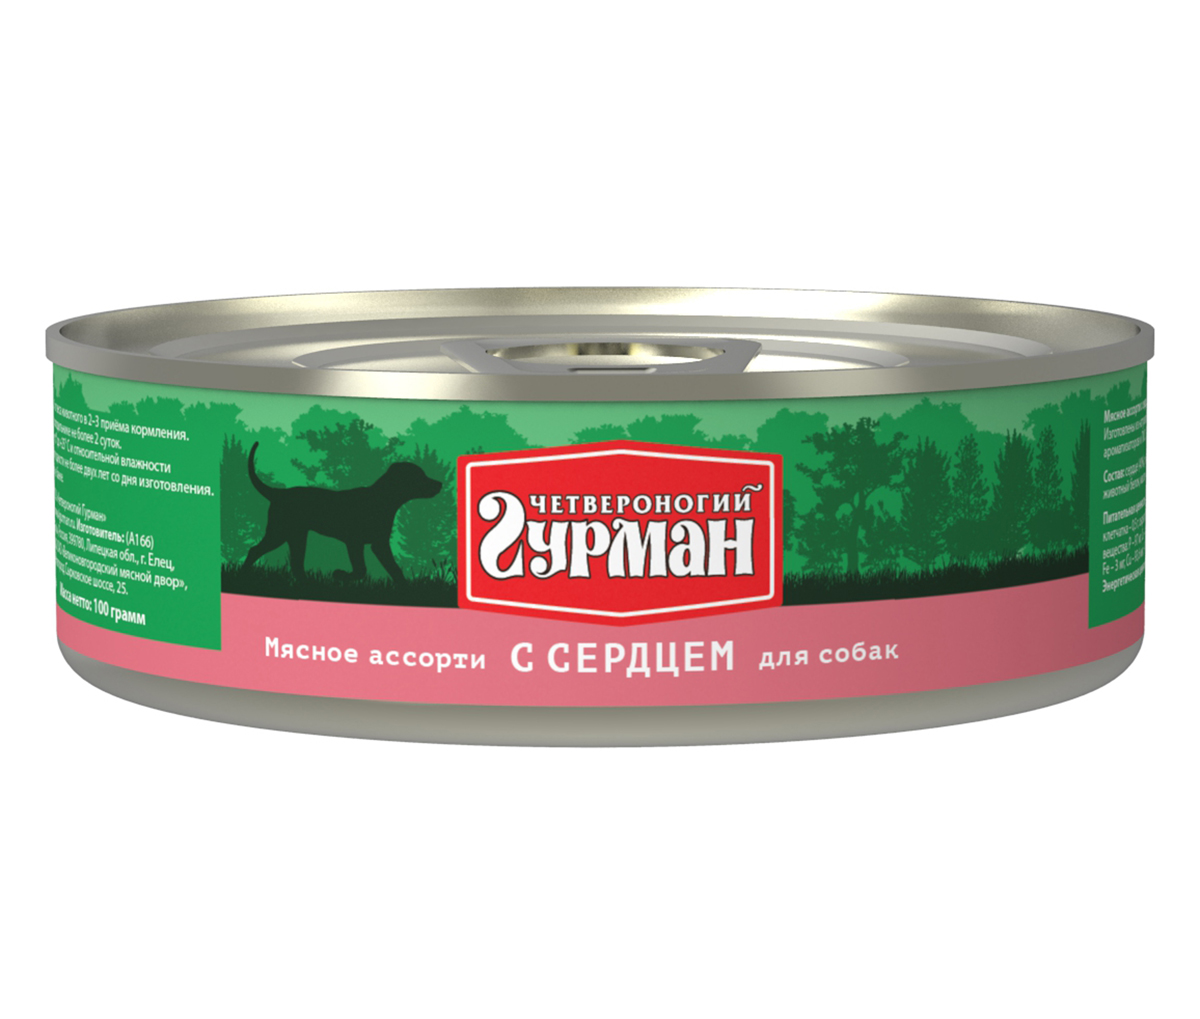 Консервы для собак Четвероногий гурман Мясное ассорти, с сердцем, 100 г. 103101010902Консервы для собак Четвероногий гурман Мясное ассорти - это влажный мясной корм суперпремиум класса, состоящий из разных сортов мяса и качественных субпродуктов. Корм не содержит синтетических витаминно-минеральных комплексов, злаков, бобовых и овощей. Никаких искусственных компонентов в составе: только натуральное, экологически чистое мясо от проверенных поставщиков. По консистенции продукт представляет собой кусочки из фарша размером 3-15 мм. В состав входит коллаген. Его компоненты (хондроитин и глюкозамин) положительно воздействуют на суставы питомца. Состав: сердце (40%), рубец (28%), легкое, коллагенсодержащее сырье, животный белок, масло растительное, вода. Пищевая ценность (в 100 г продукта): протеин 10,3 г, жир 6 г, клетчатка 0,5 г, сырая зола 2 г, влага 80 г. Минеральные вещества: P 97 мг, Са 11,5 мг, Na 158,14 мг, Cl 218,3 мг, Mg 11 мг, Fe 3 мг, Cu 93,6 мкг, I 3,51 мкг. Витамины: А, E, В1, В2, B3, B5, B6. Энергетическая ценность (на 100 г): 95 ккал. Товар сертифицирован.